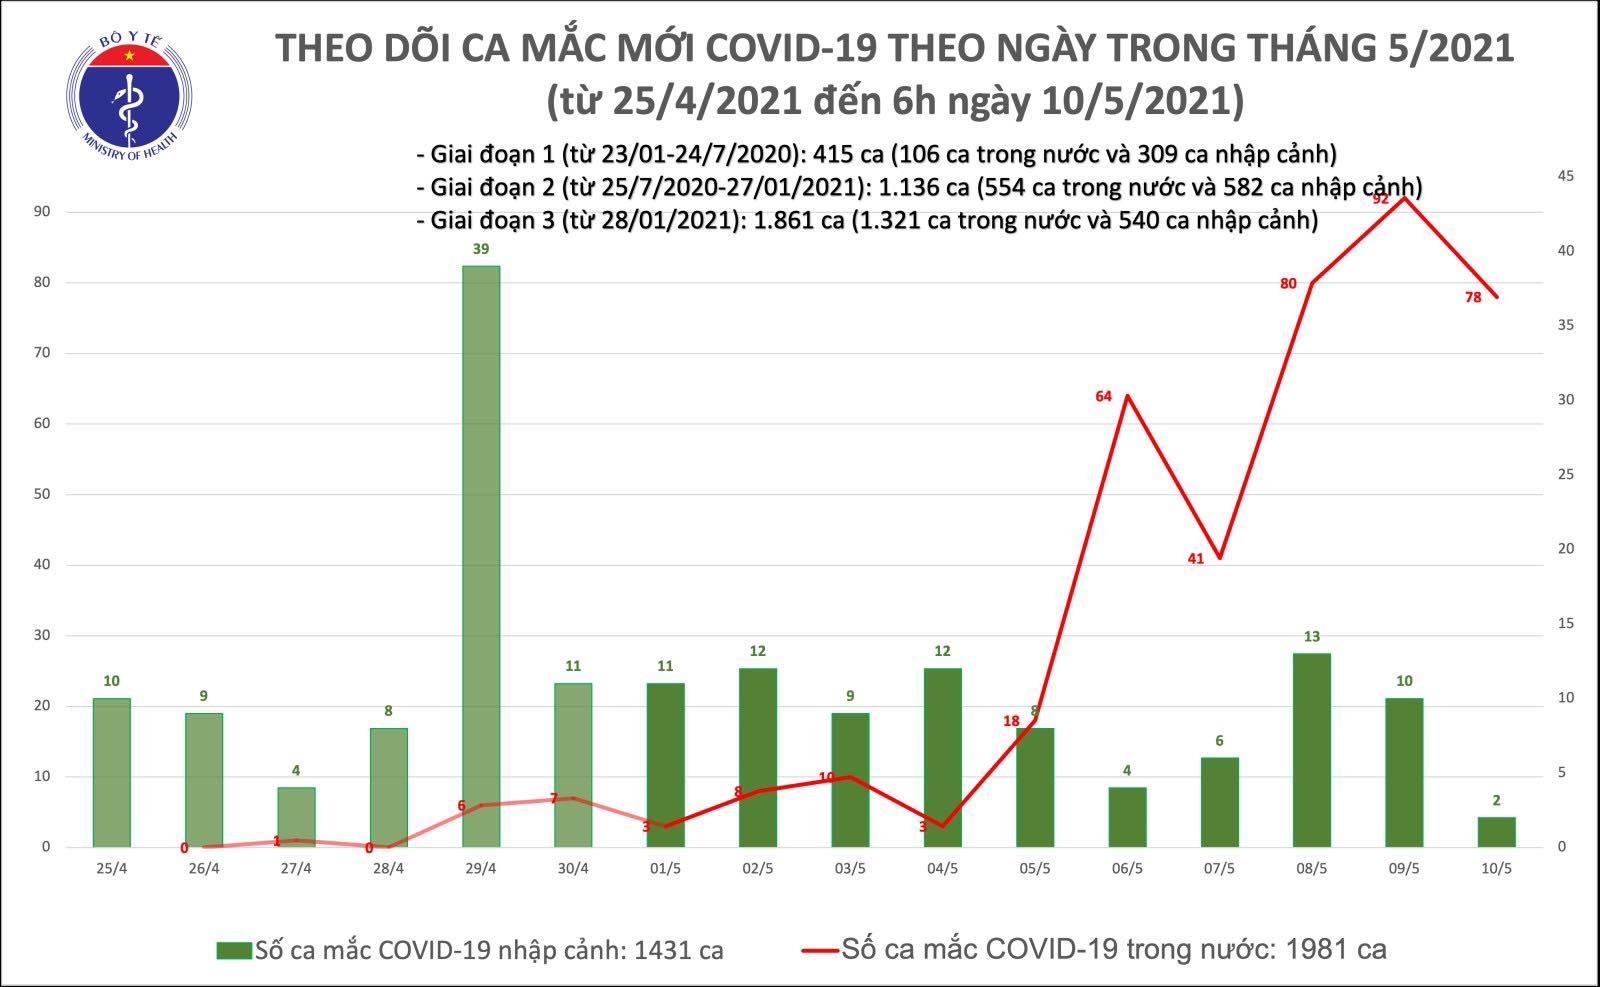 Sáng 10/5: Bộ Y tế công bố thêm 78 ca mắc COVID-19 trong cộng đồng - Ảnh 1